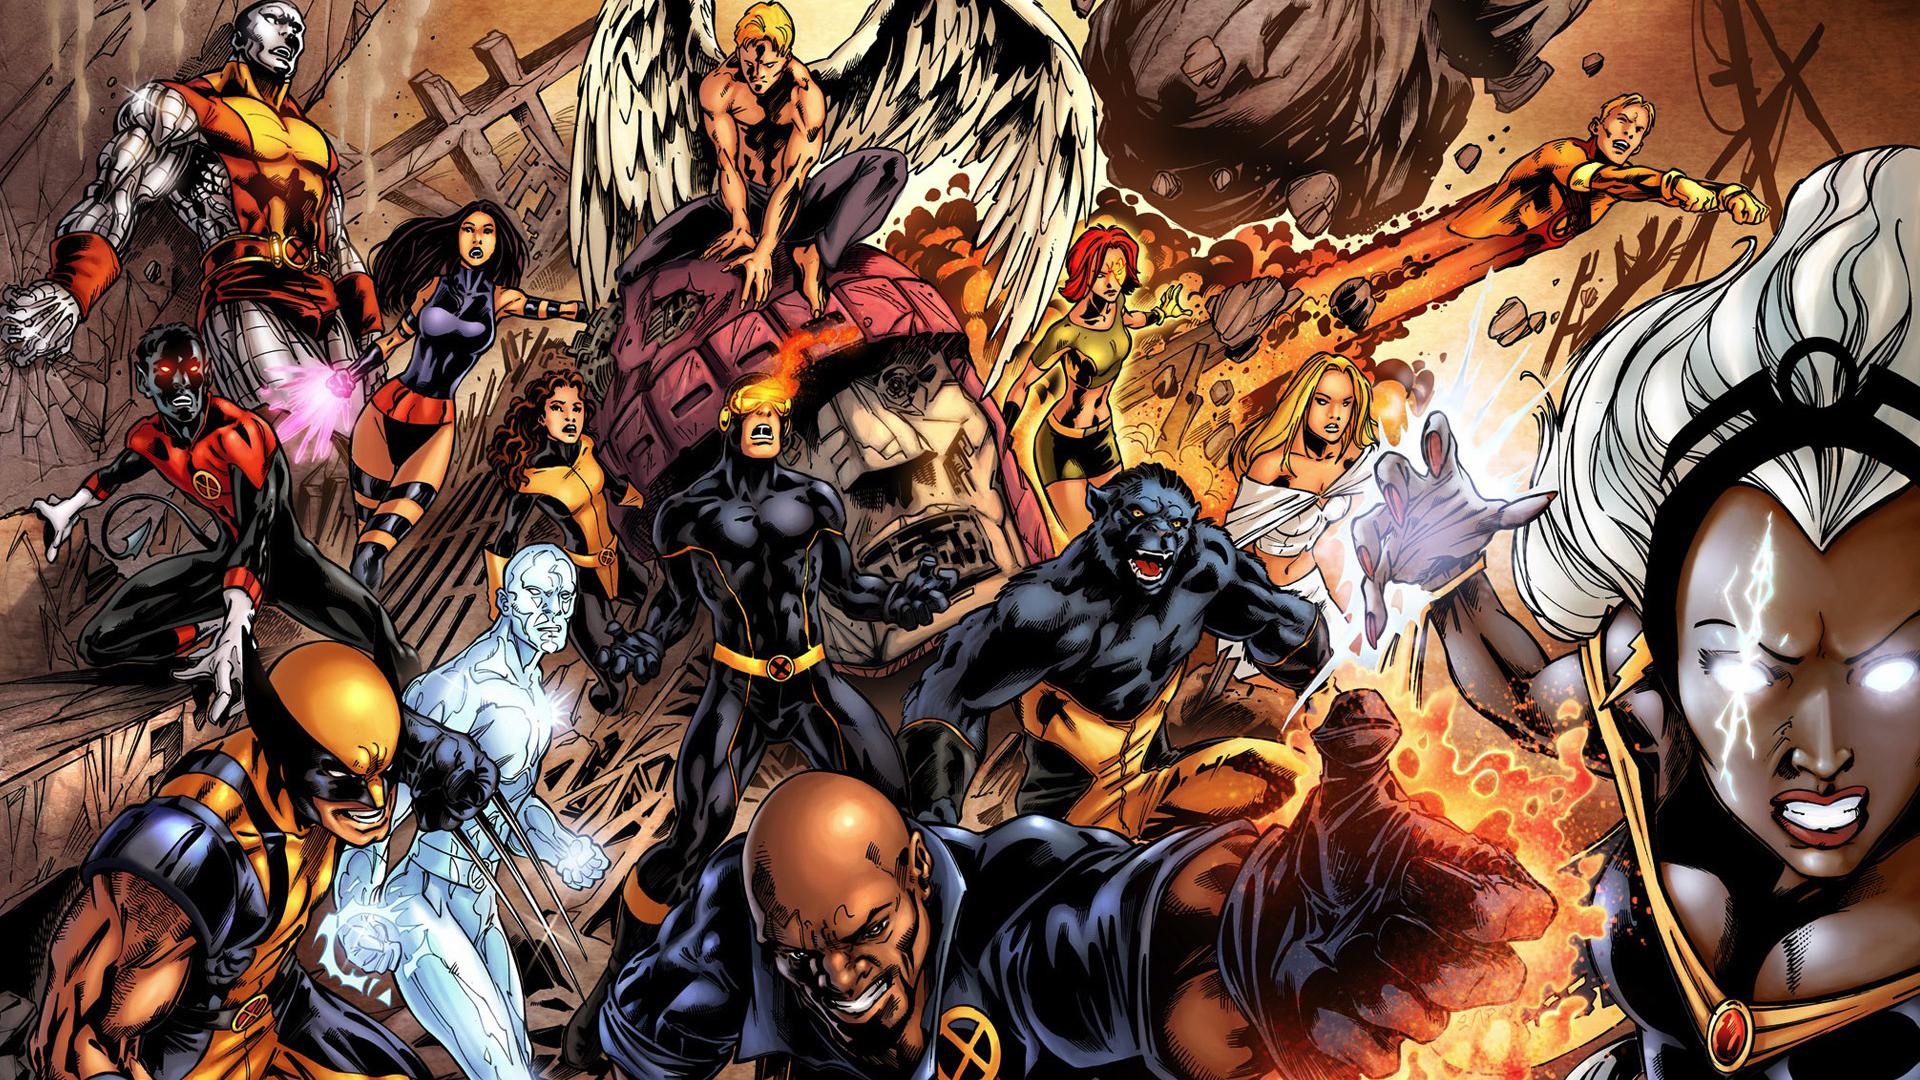 Free Download Men Marvel Wallpaper 1920x1080 Xmen Marvel Comics